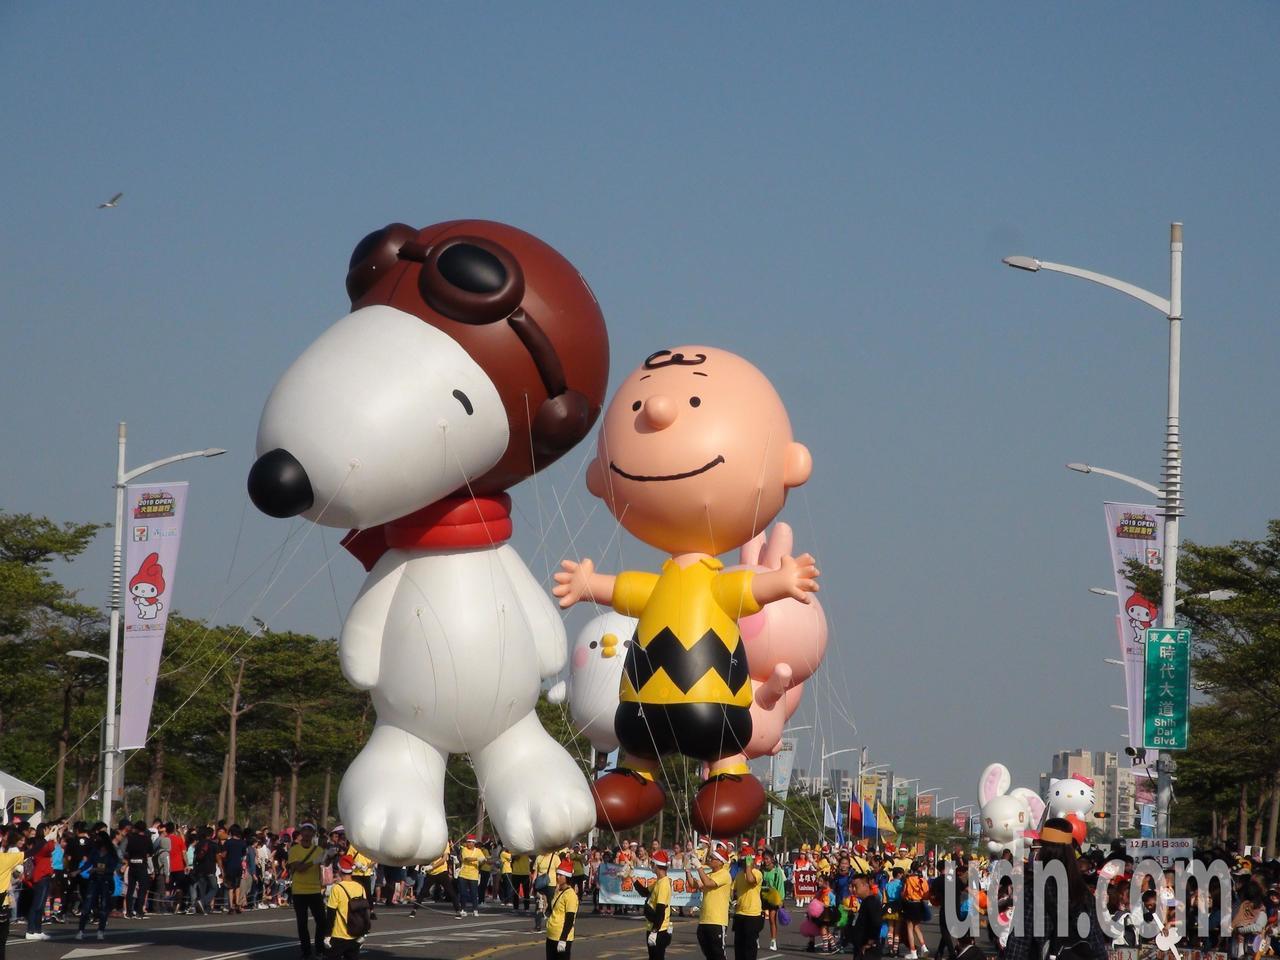 「OPEN!大氣球遊行」首見史奴比、查理布朗等造型氣球。記者謝梅芬/攝影